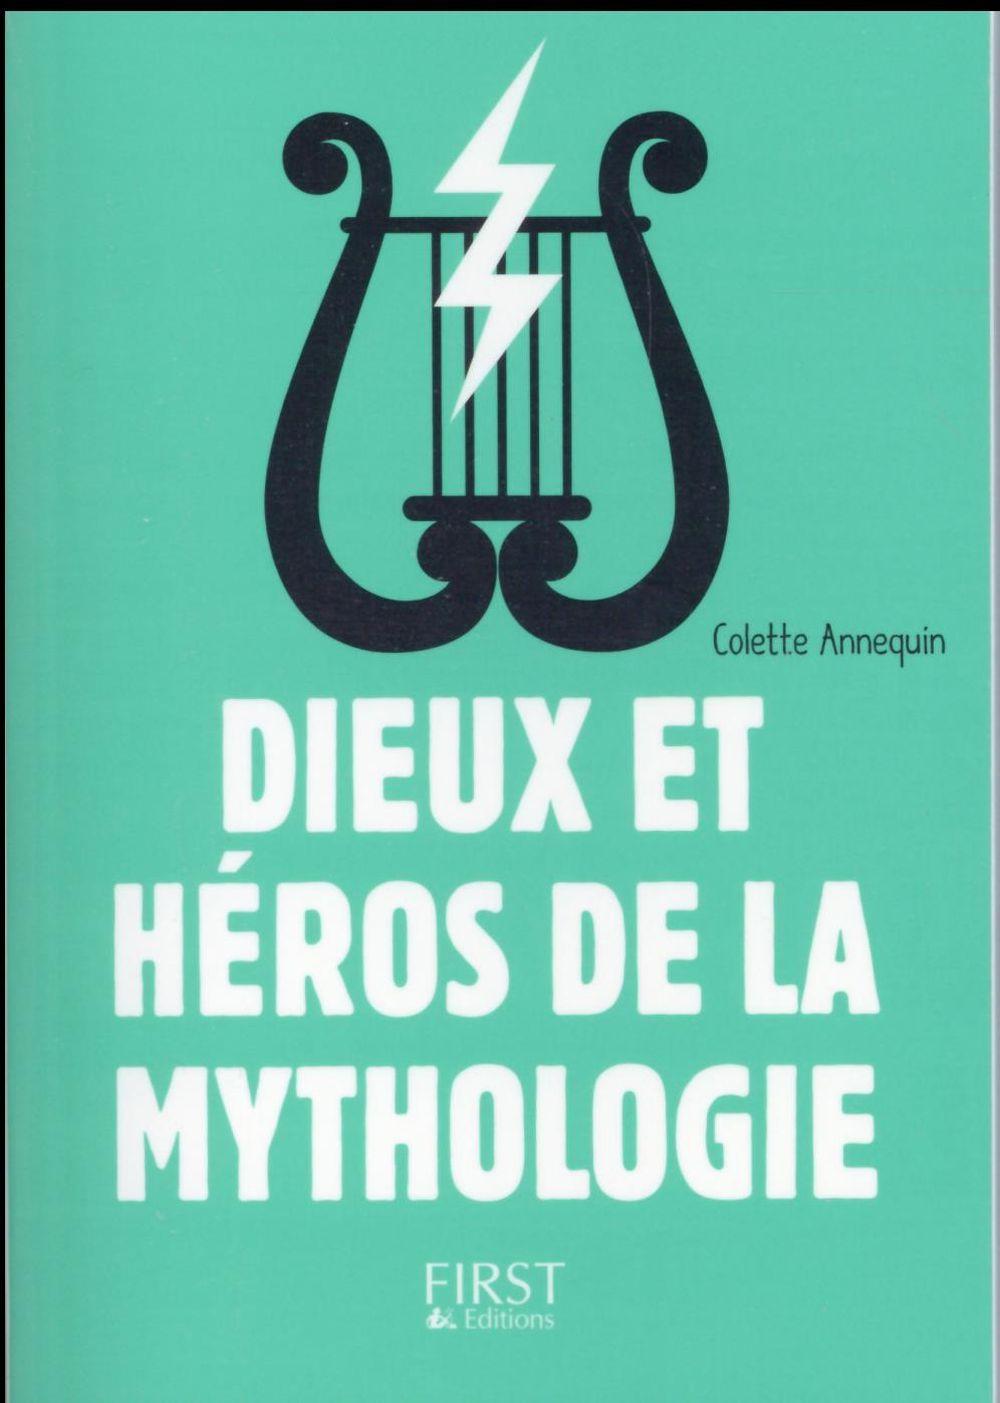 PETIT LIVRE DE - DIEUX ET HEROS DE LA MYTHOLOGIE, 3E Annequin Colette First Editions